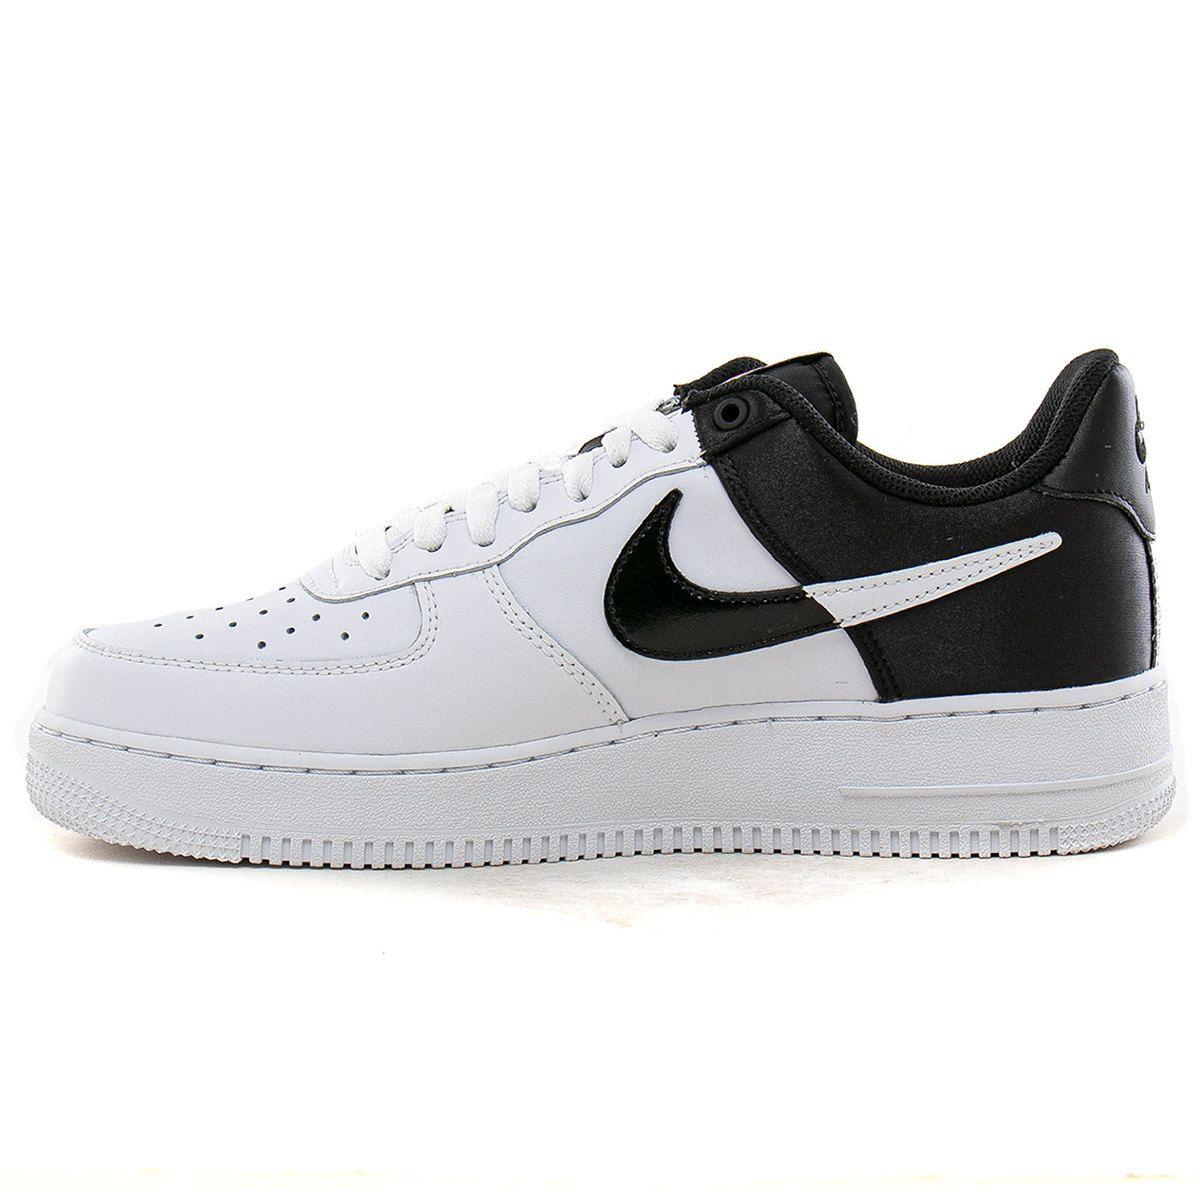 Zapatillas Air Force 1 07 Lv8 Nba Zapatos Nike Mujer Zapatillas Nike Zapatos Tenis Para Mujer